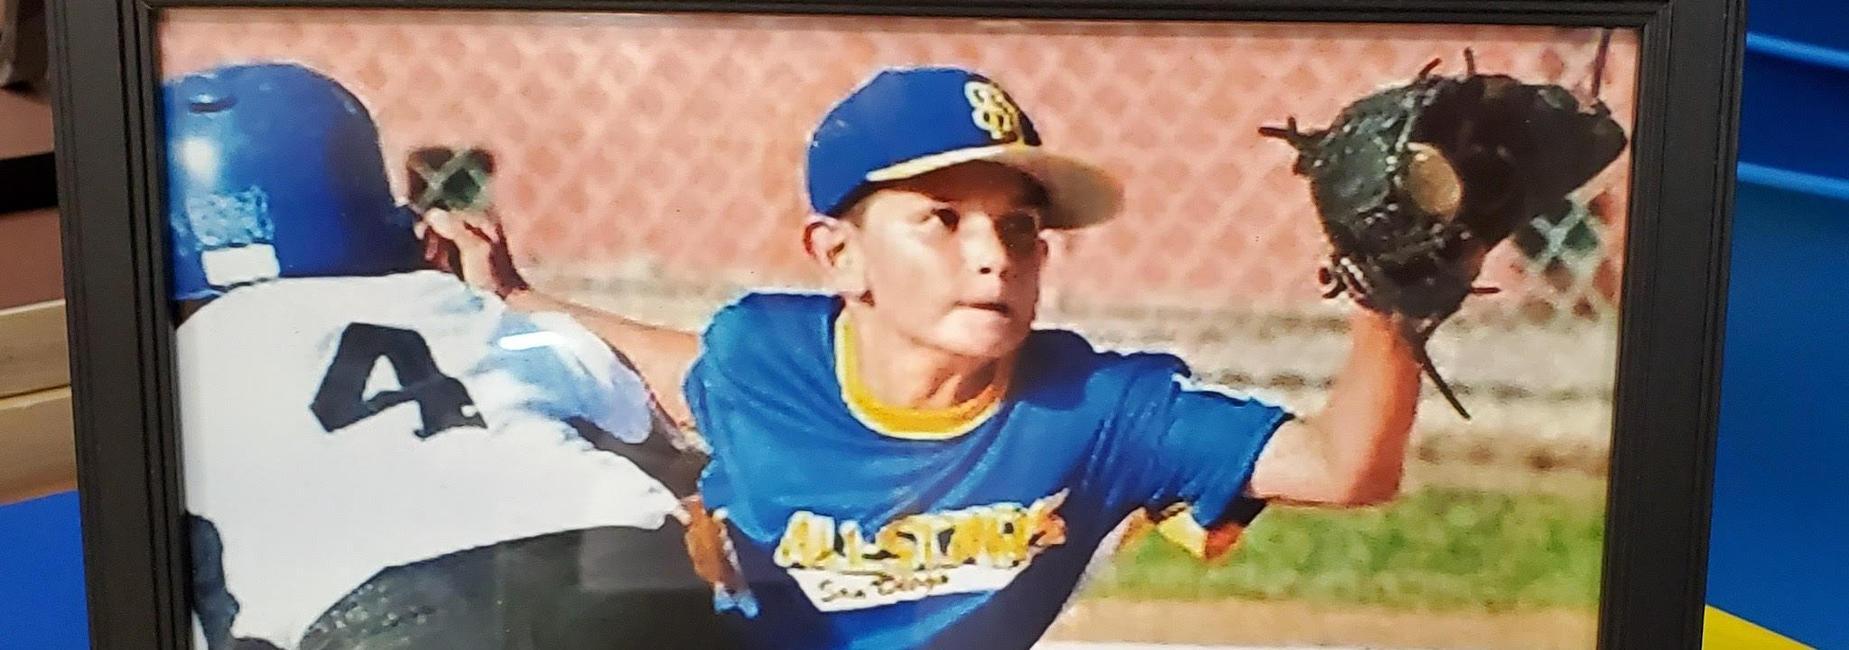 Young Brandon